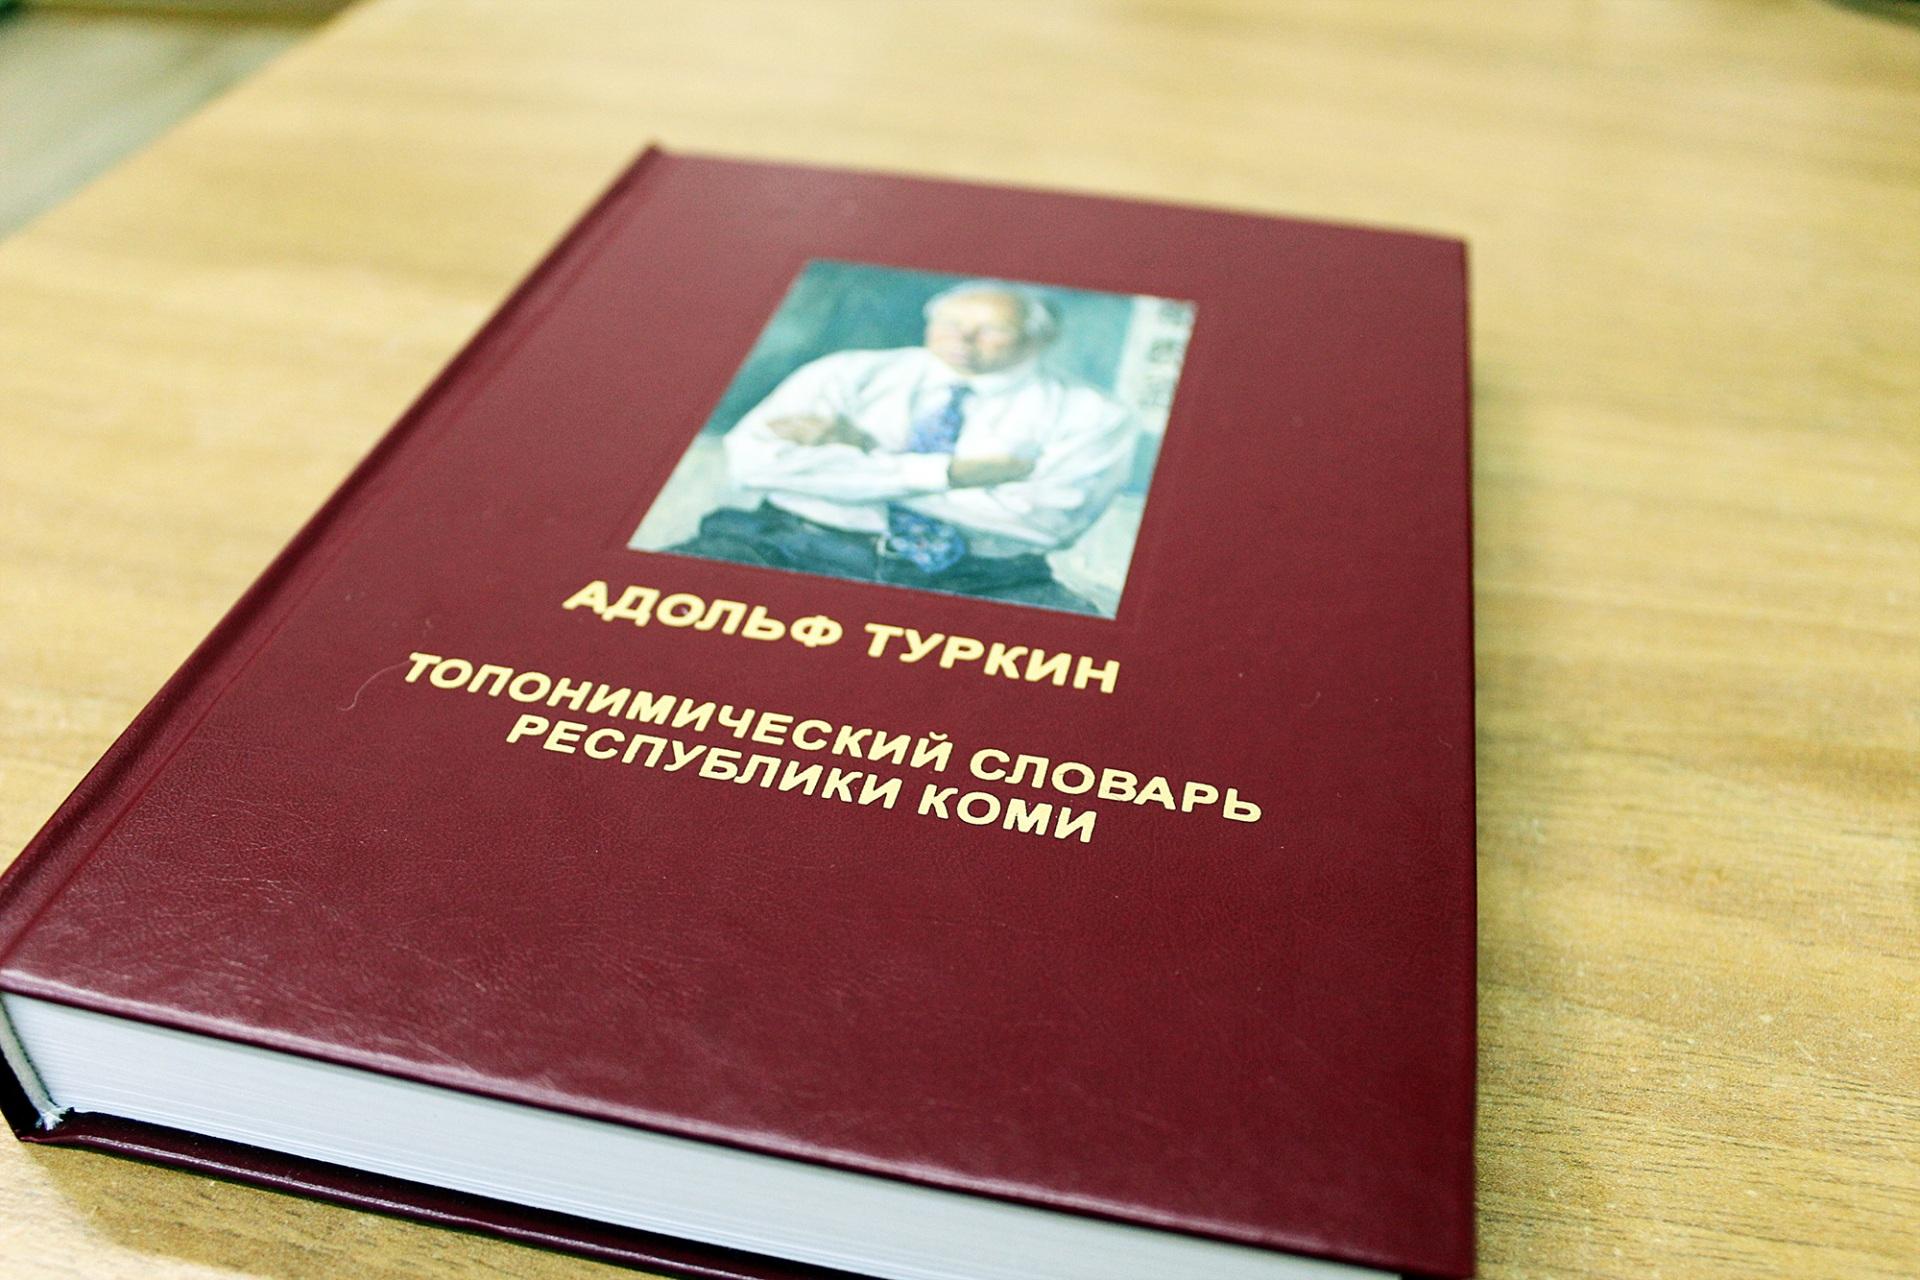 Издан топонимический словарь Республики Коми